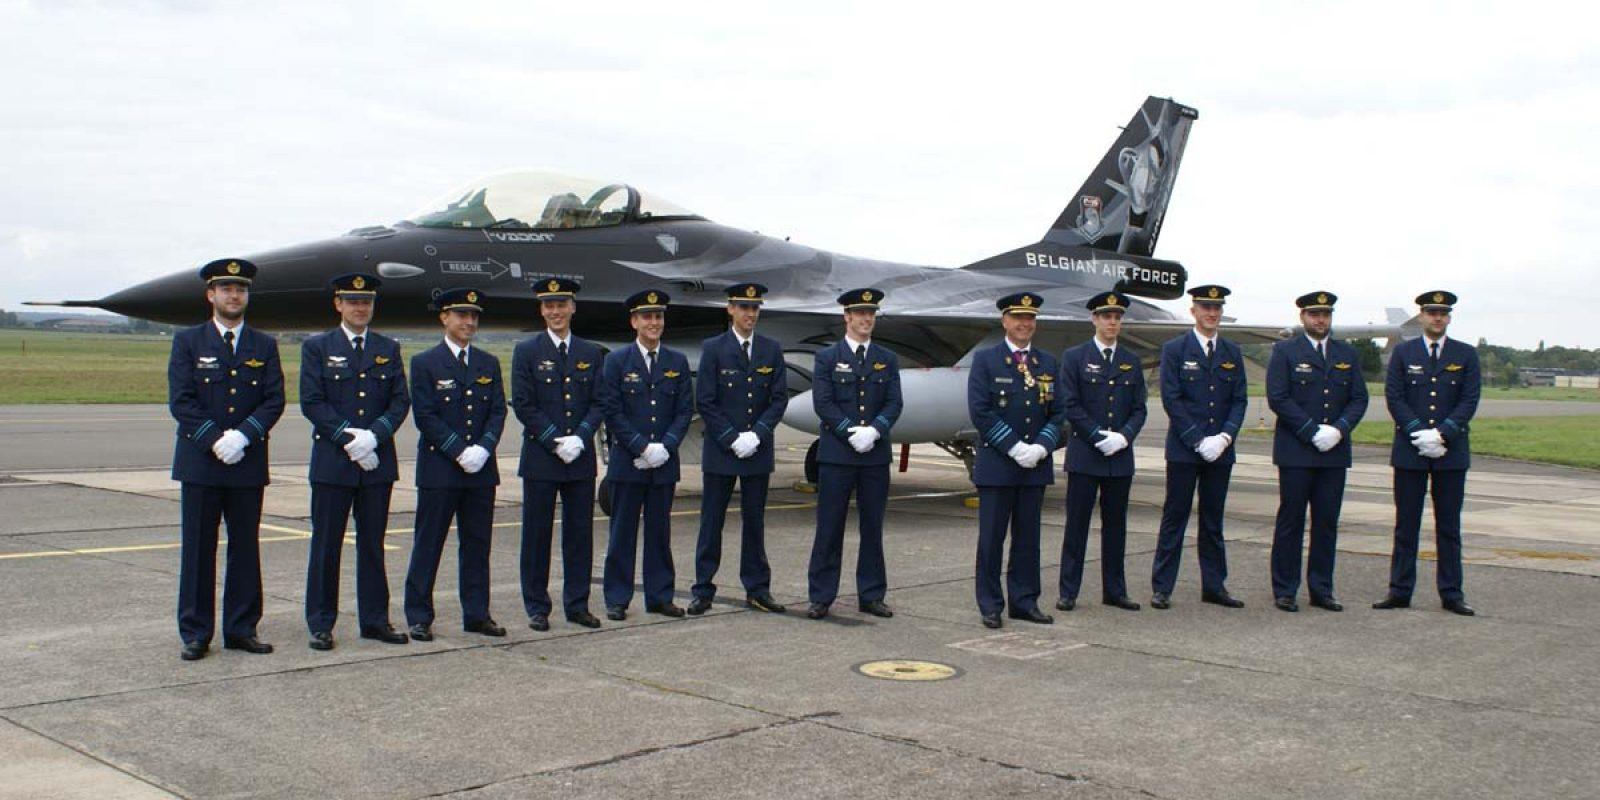 Les nouveaux pilotes posent pour la photo traditionnelle en présence du Général-major Aviateur Thierry Dupont, Commandant de la Composante Air.